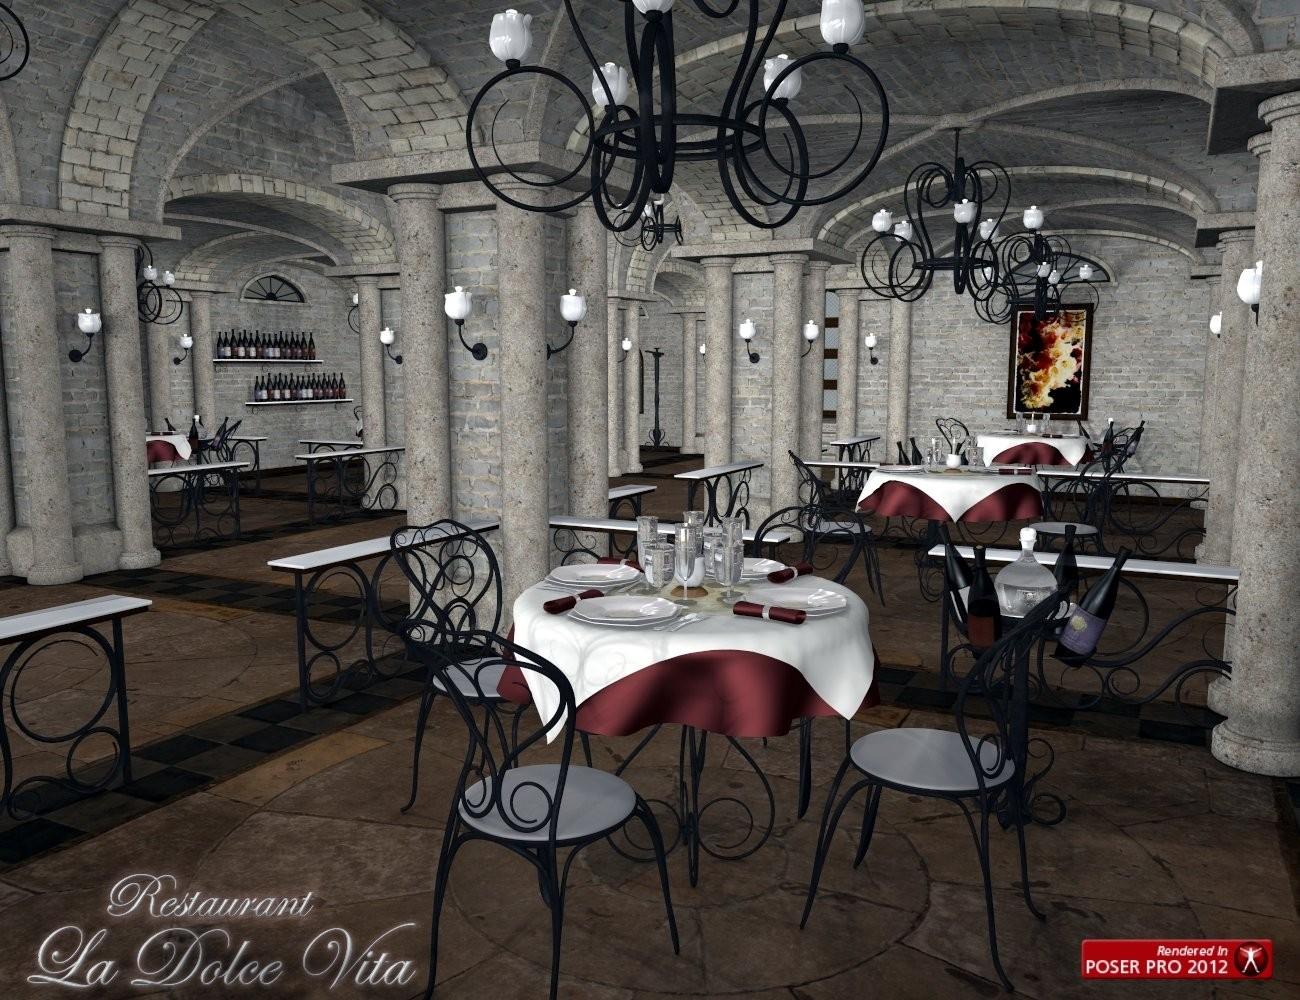 3d Models - La Dolce Vita Restaurant and La Dolce Vita Grand Piano